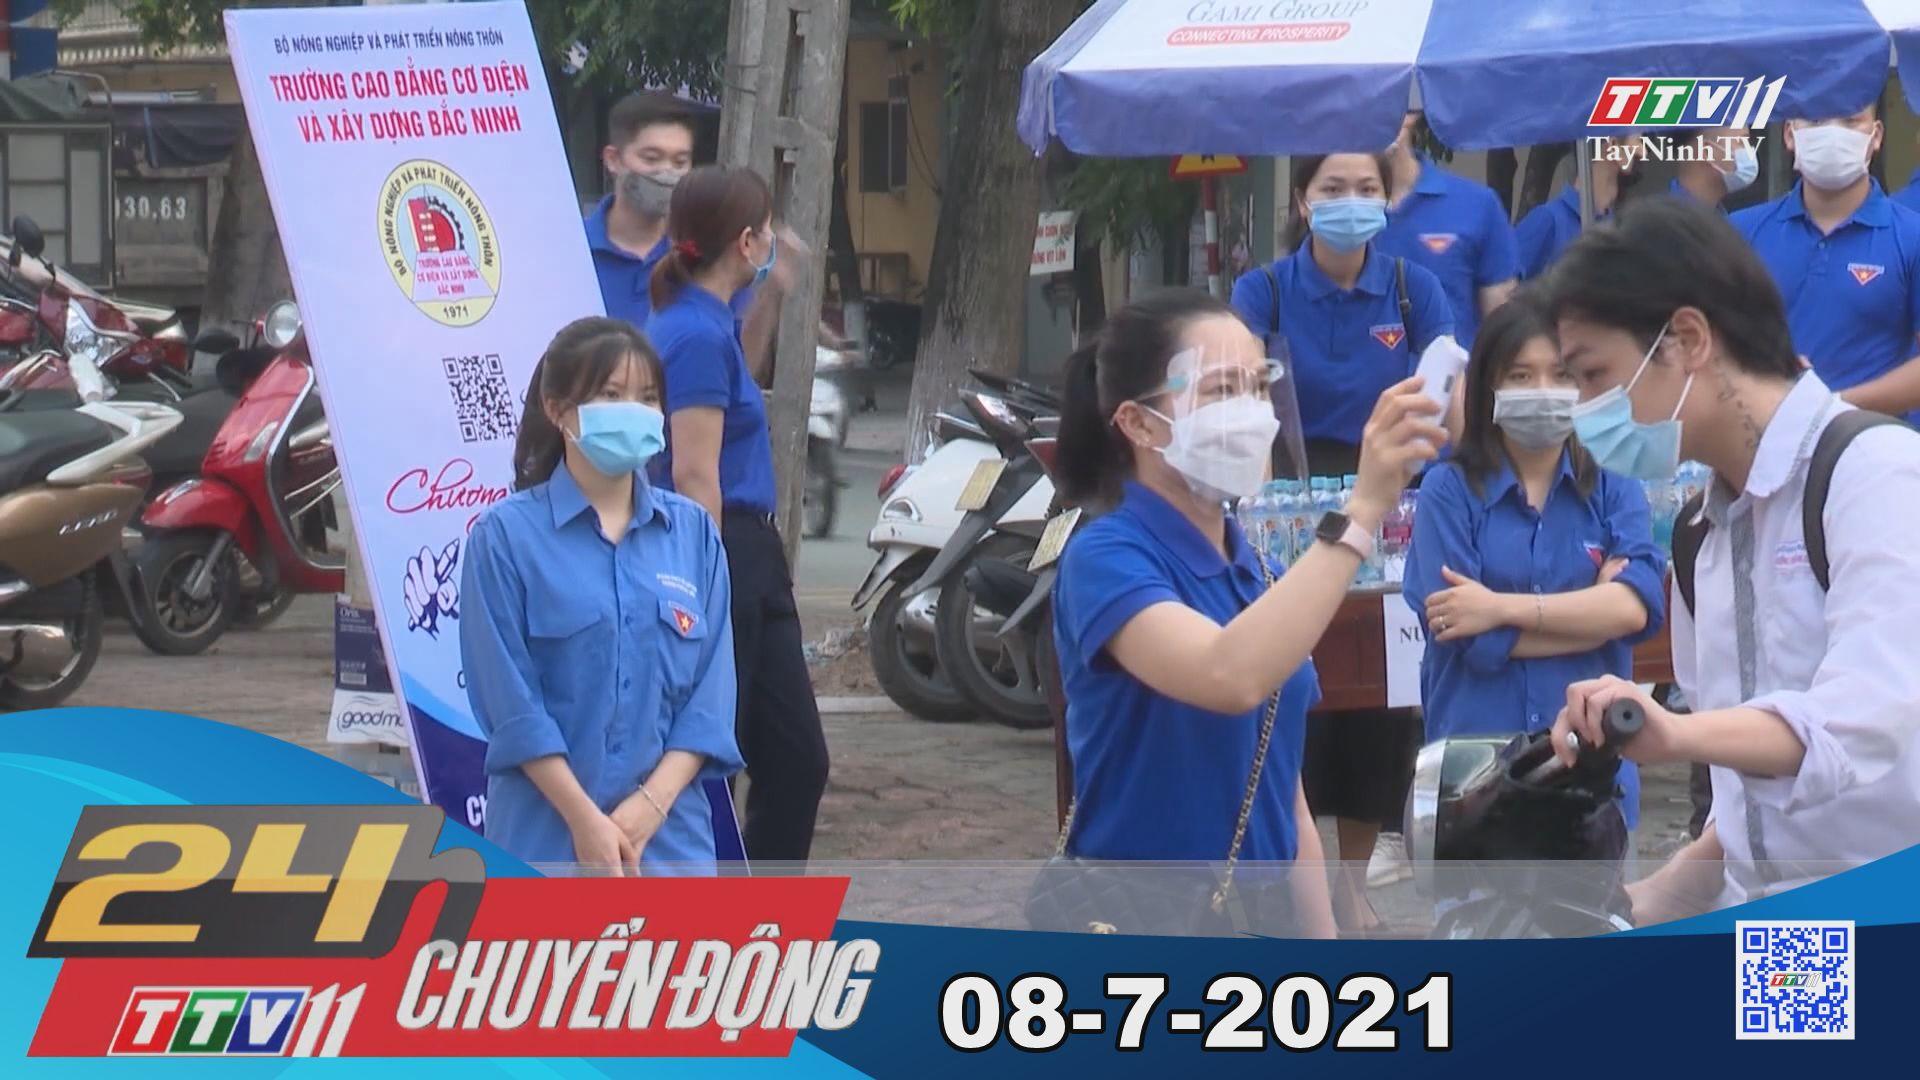 24h Chuyển động 08-7-2021   Tin tức hôm nay   TayNinhTV